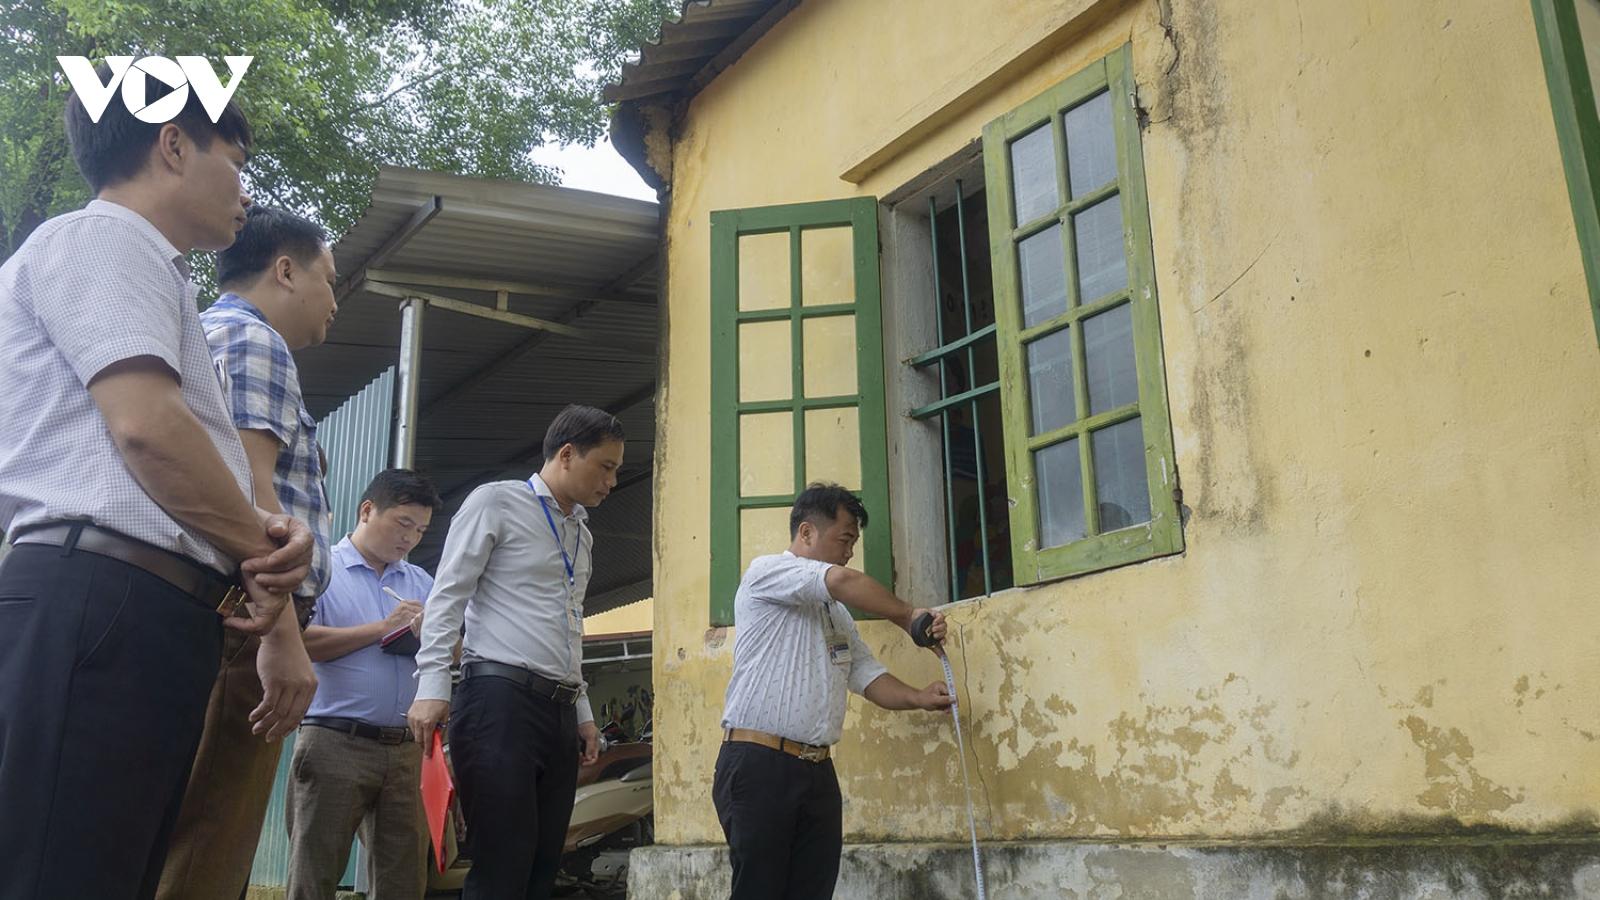 """""""Nâng cấp"""" rà soát, đảm bảo an toàn sau vụ sập cổng trường ở Lào Cai"""